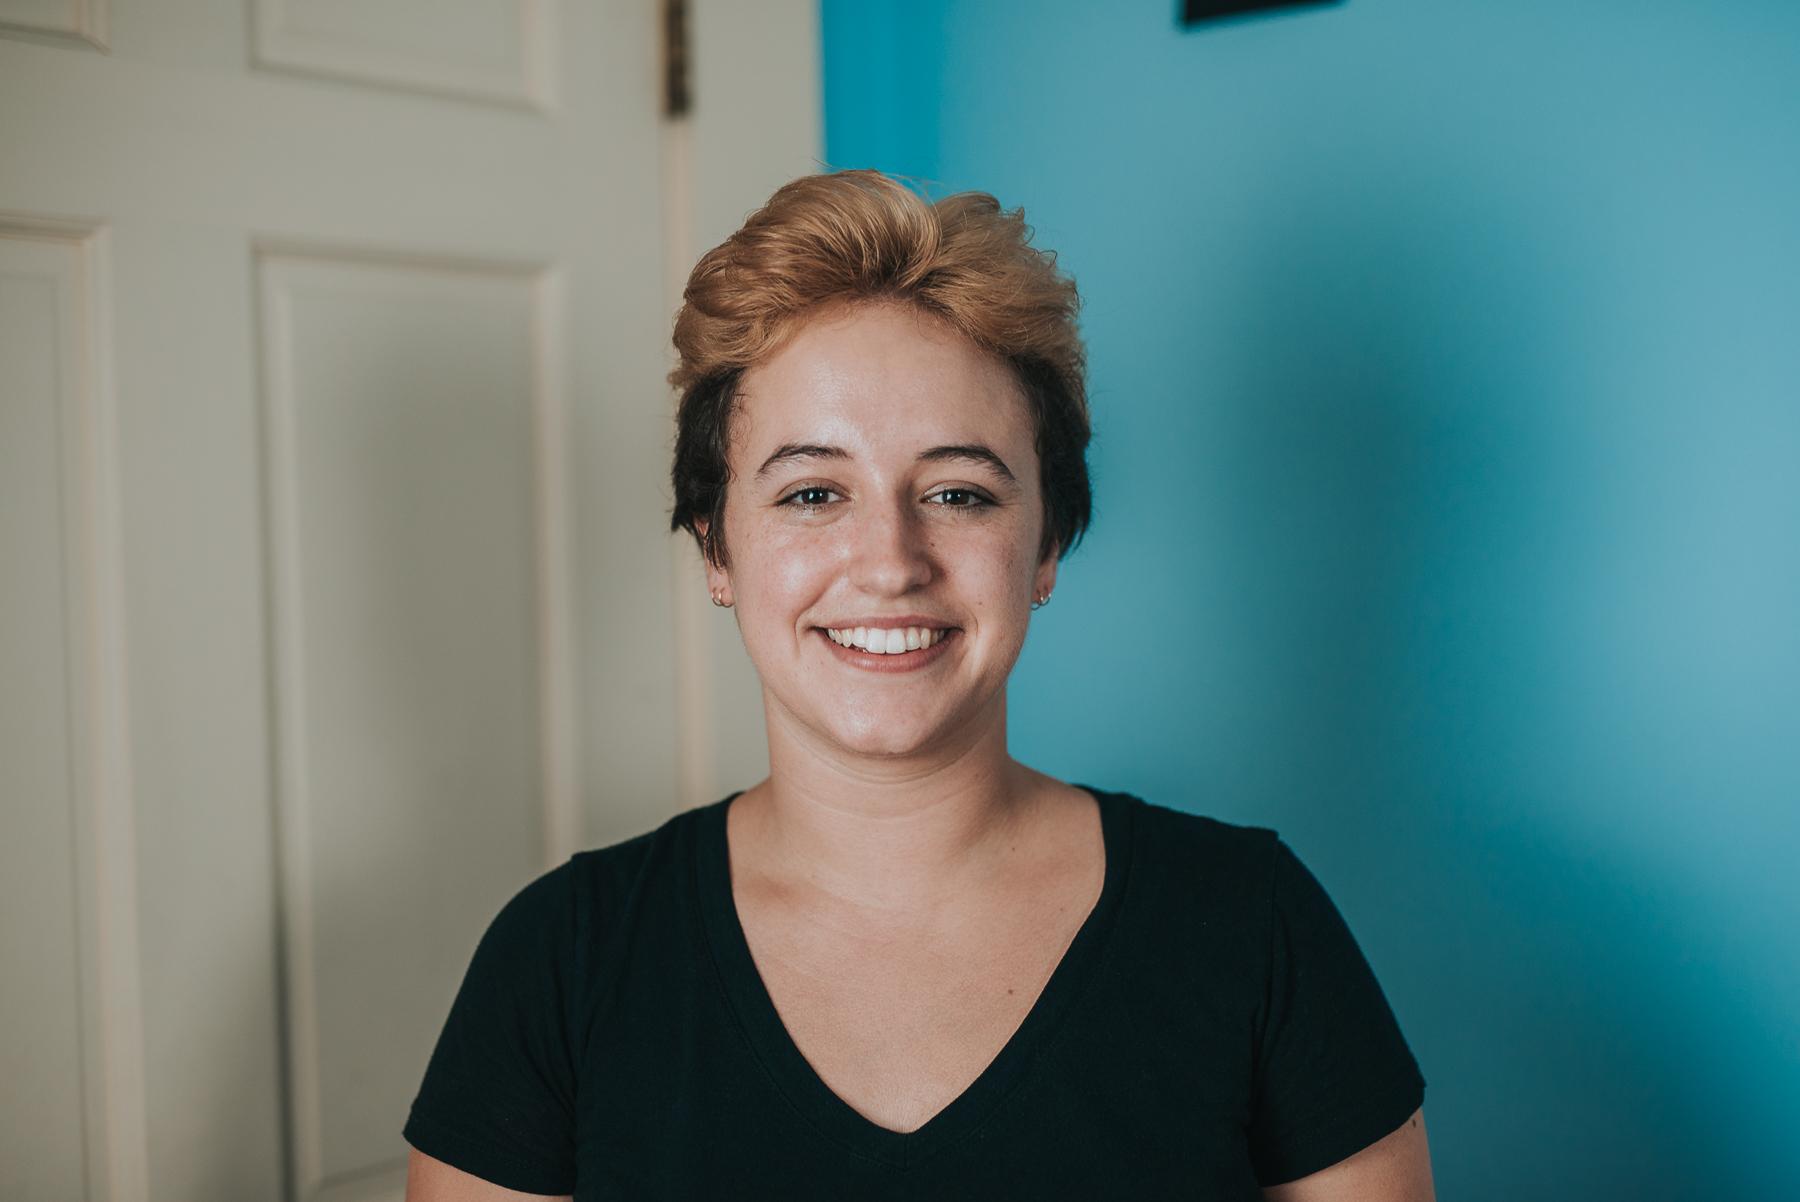 Haley Katrin Studios Founder and Voice & Violin Teacher Haley Katrin